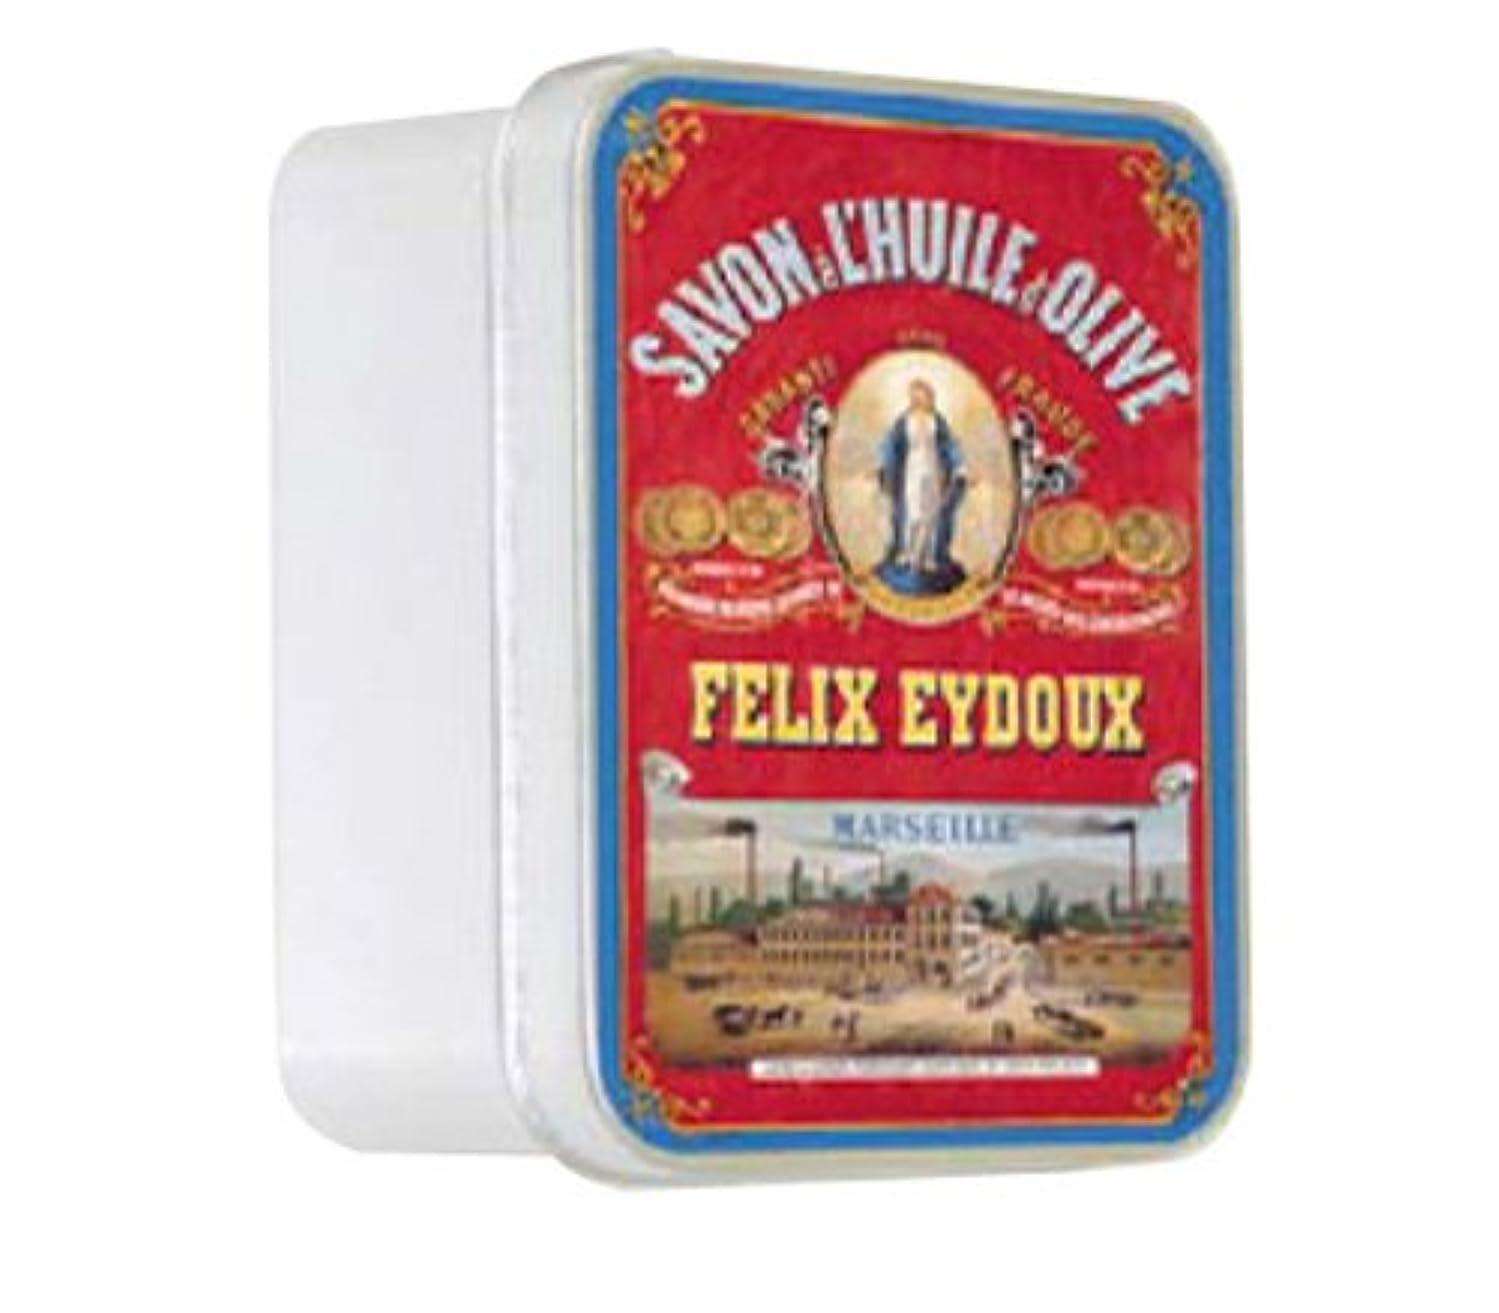 避難幽霊洗練されたルブランソープ メタルボックス(マルセイユソープ?オリーブの香り)石鹸